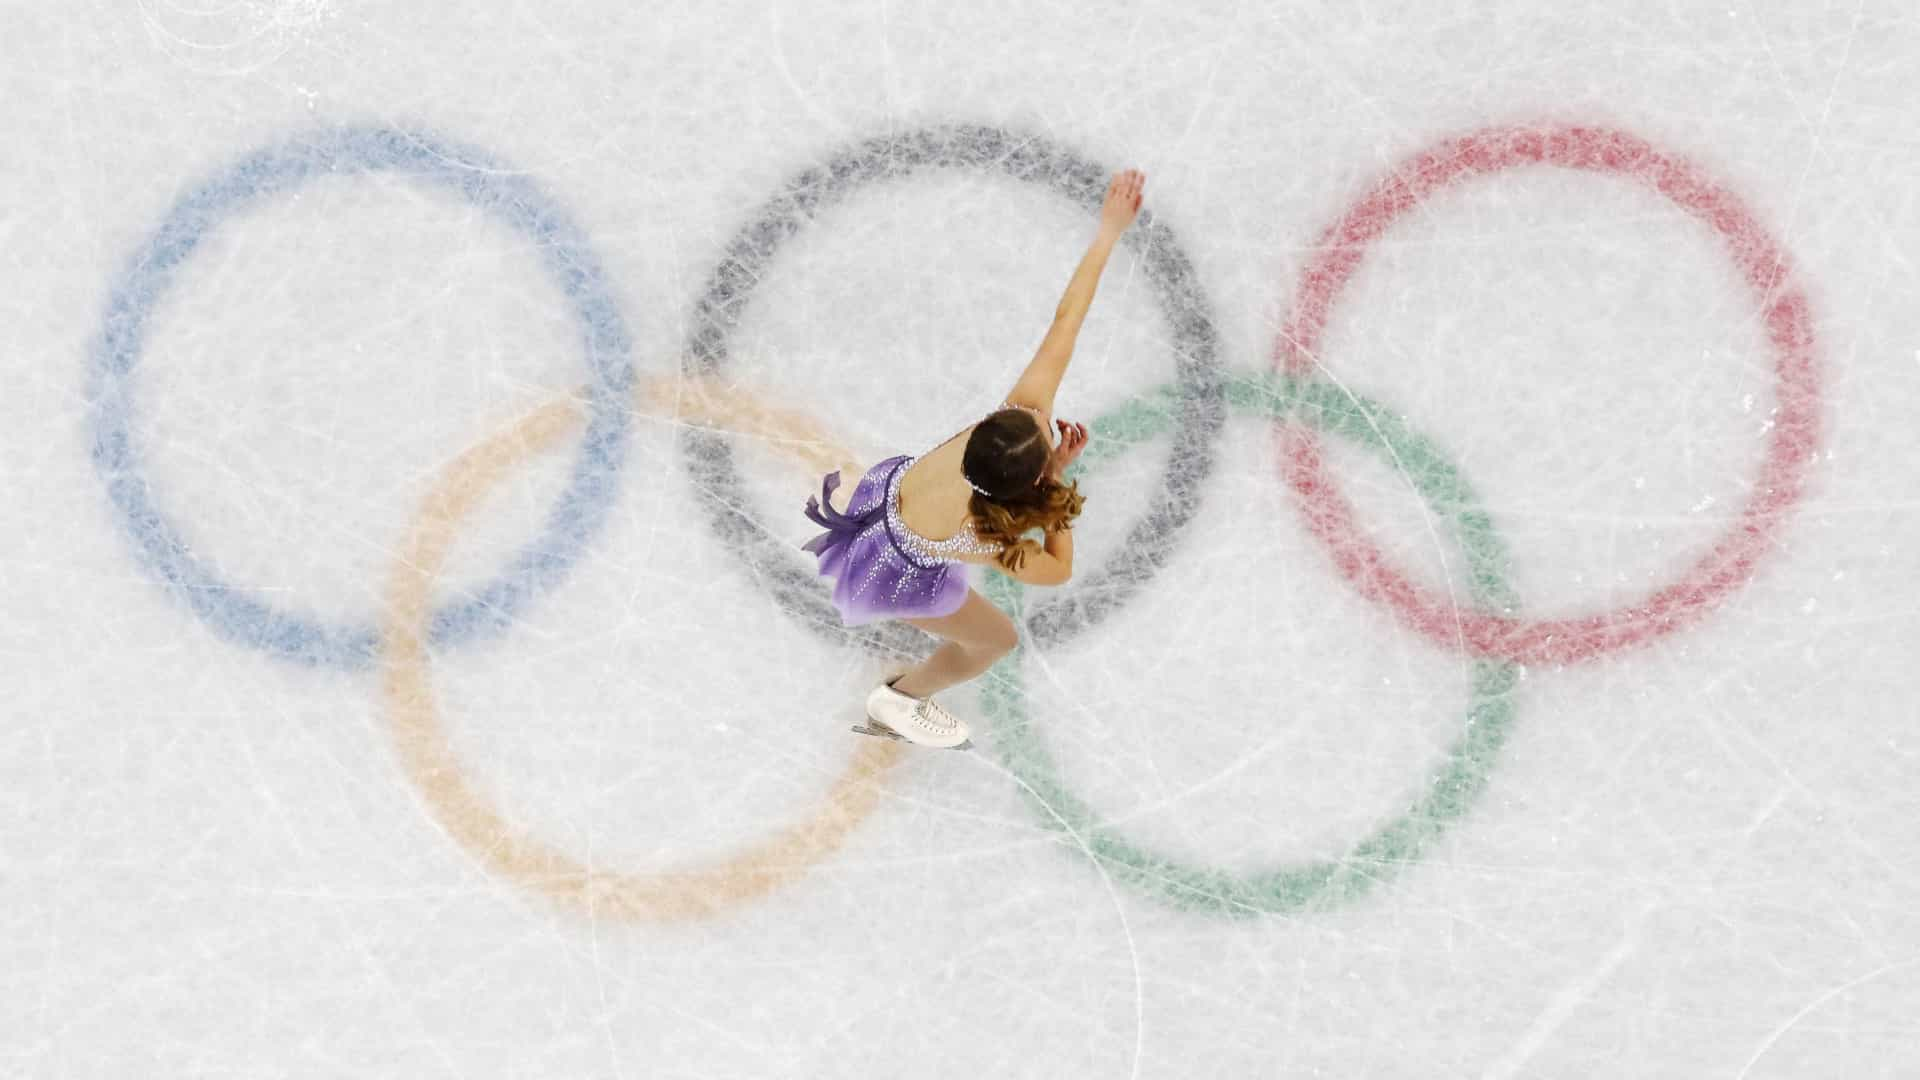 Isadora Williams faz história e é a 1ª brasileira na final da patinação